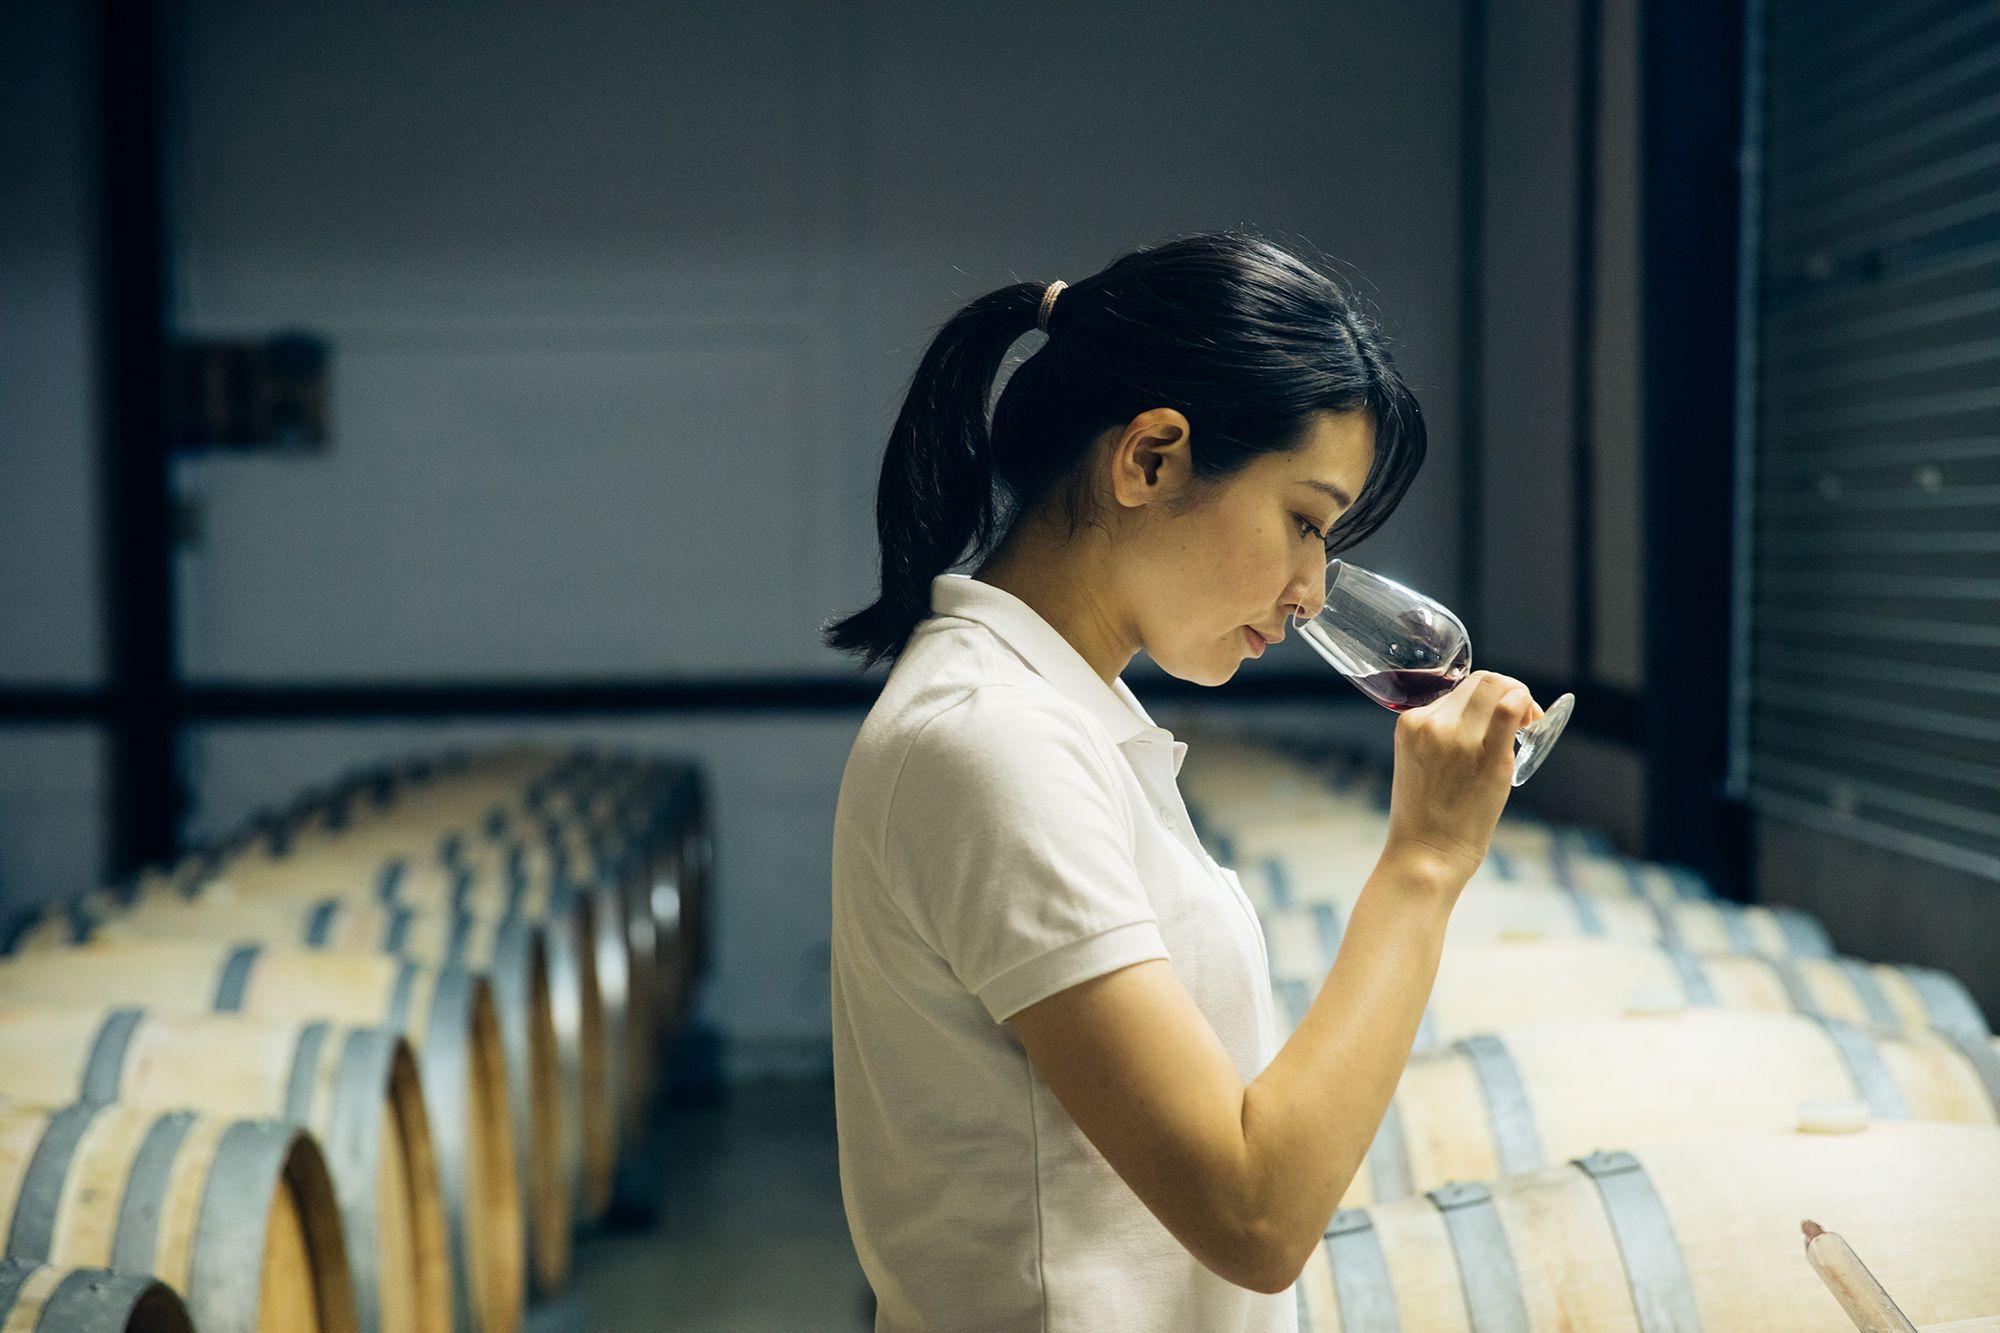 熟成中のワインを定期的にチェックする彩奈。ブドウもワインもつねに観察することが大事と、ボルドー大学の故ドゥニ・デュブルデュー教授から教えられた。